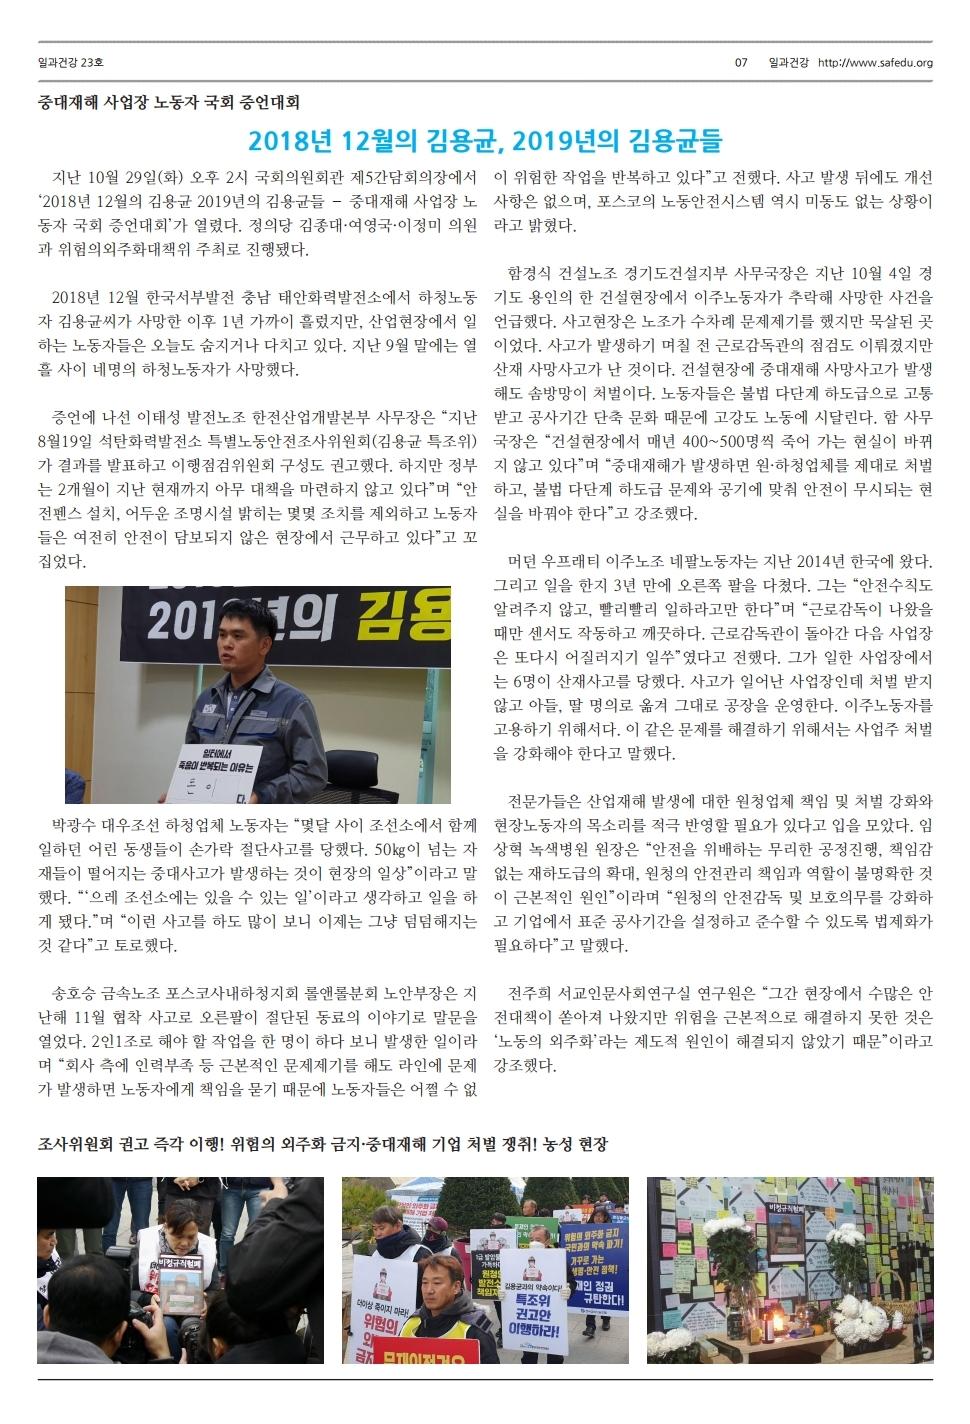 일과건강 소식지 23.pdf_page_7.jpg